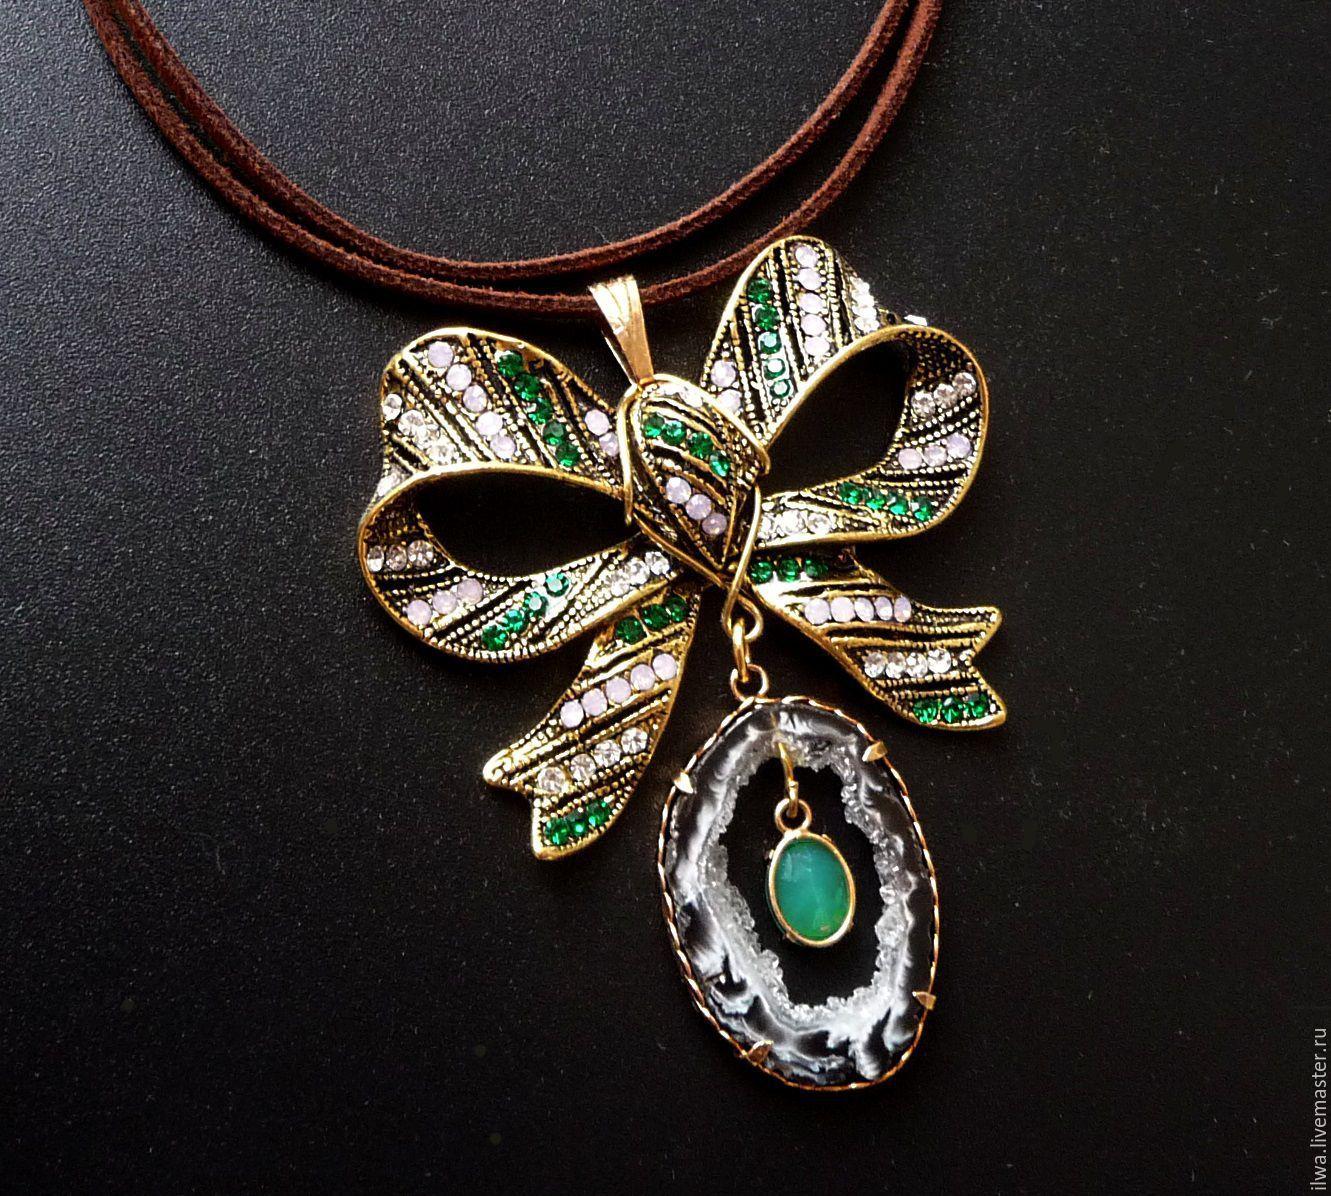 Купить Бант на шнуре - бант, изящное украшение, женское крашение, на особый случай, зеленый камень